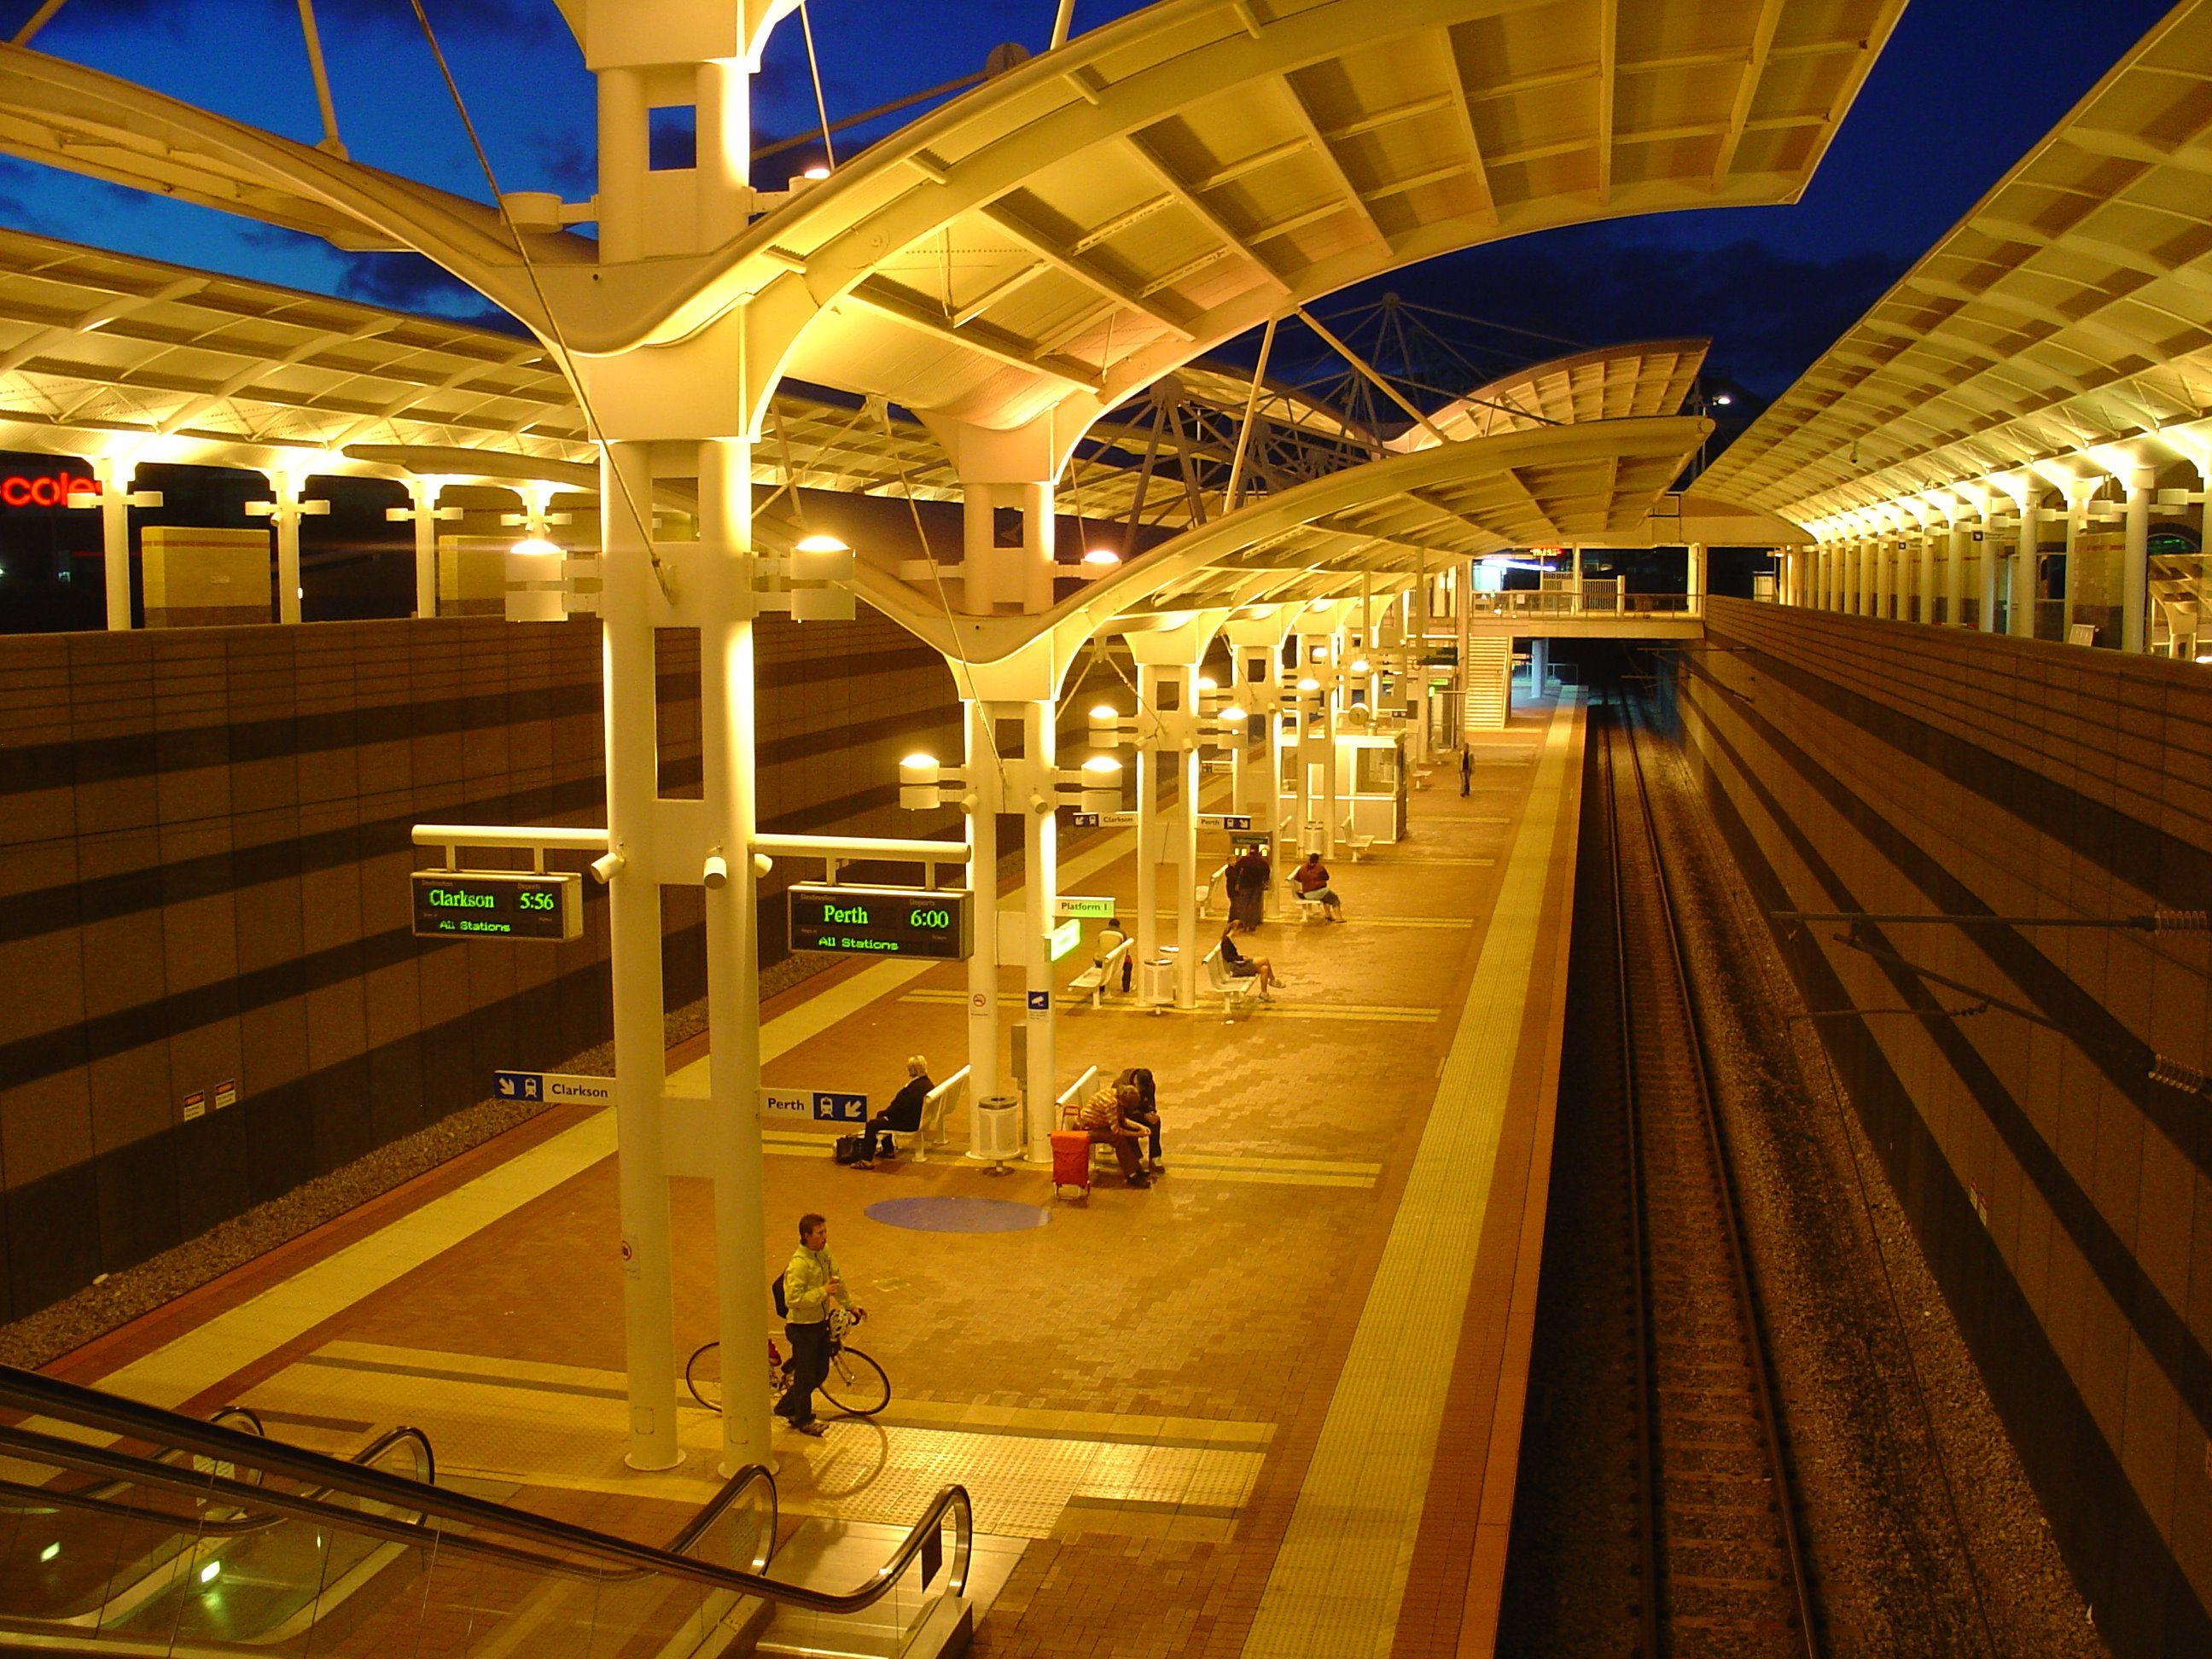 #cityofjoondalup #joondalup #joondaluptrainstation #jndlp #trainstation #station #travel #transperth